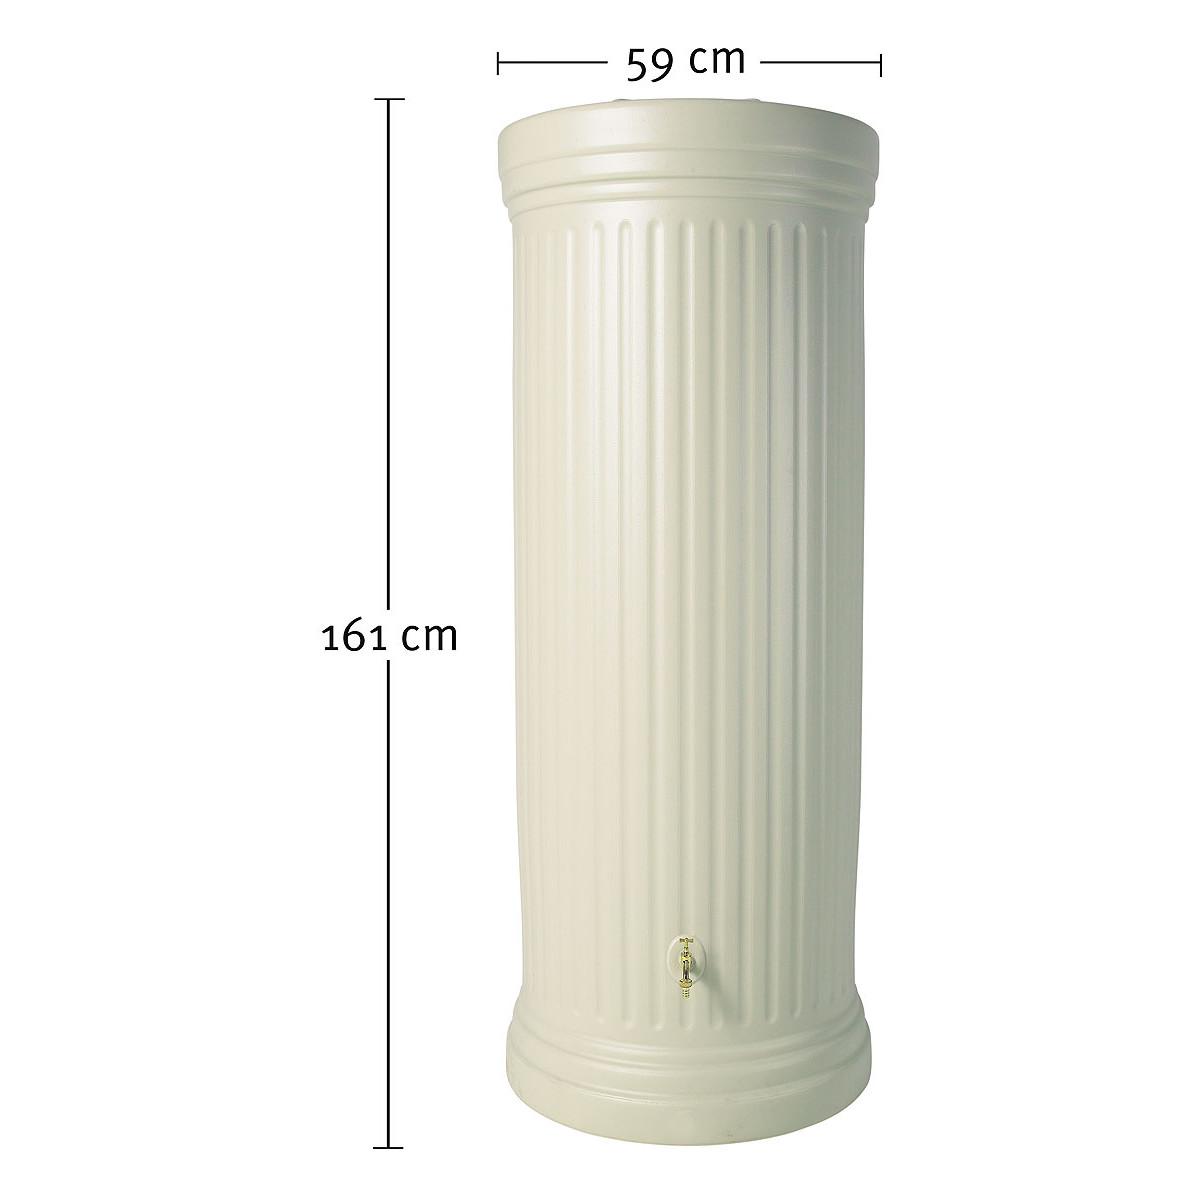 Cuve à eau colonne romaine 330L Kit complet Coloris sable à prix